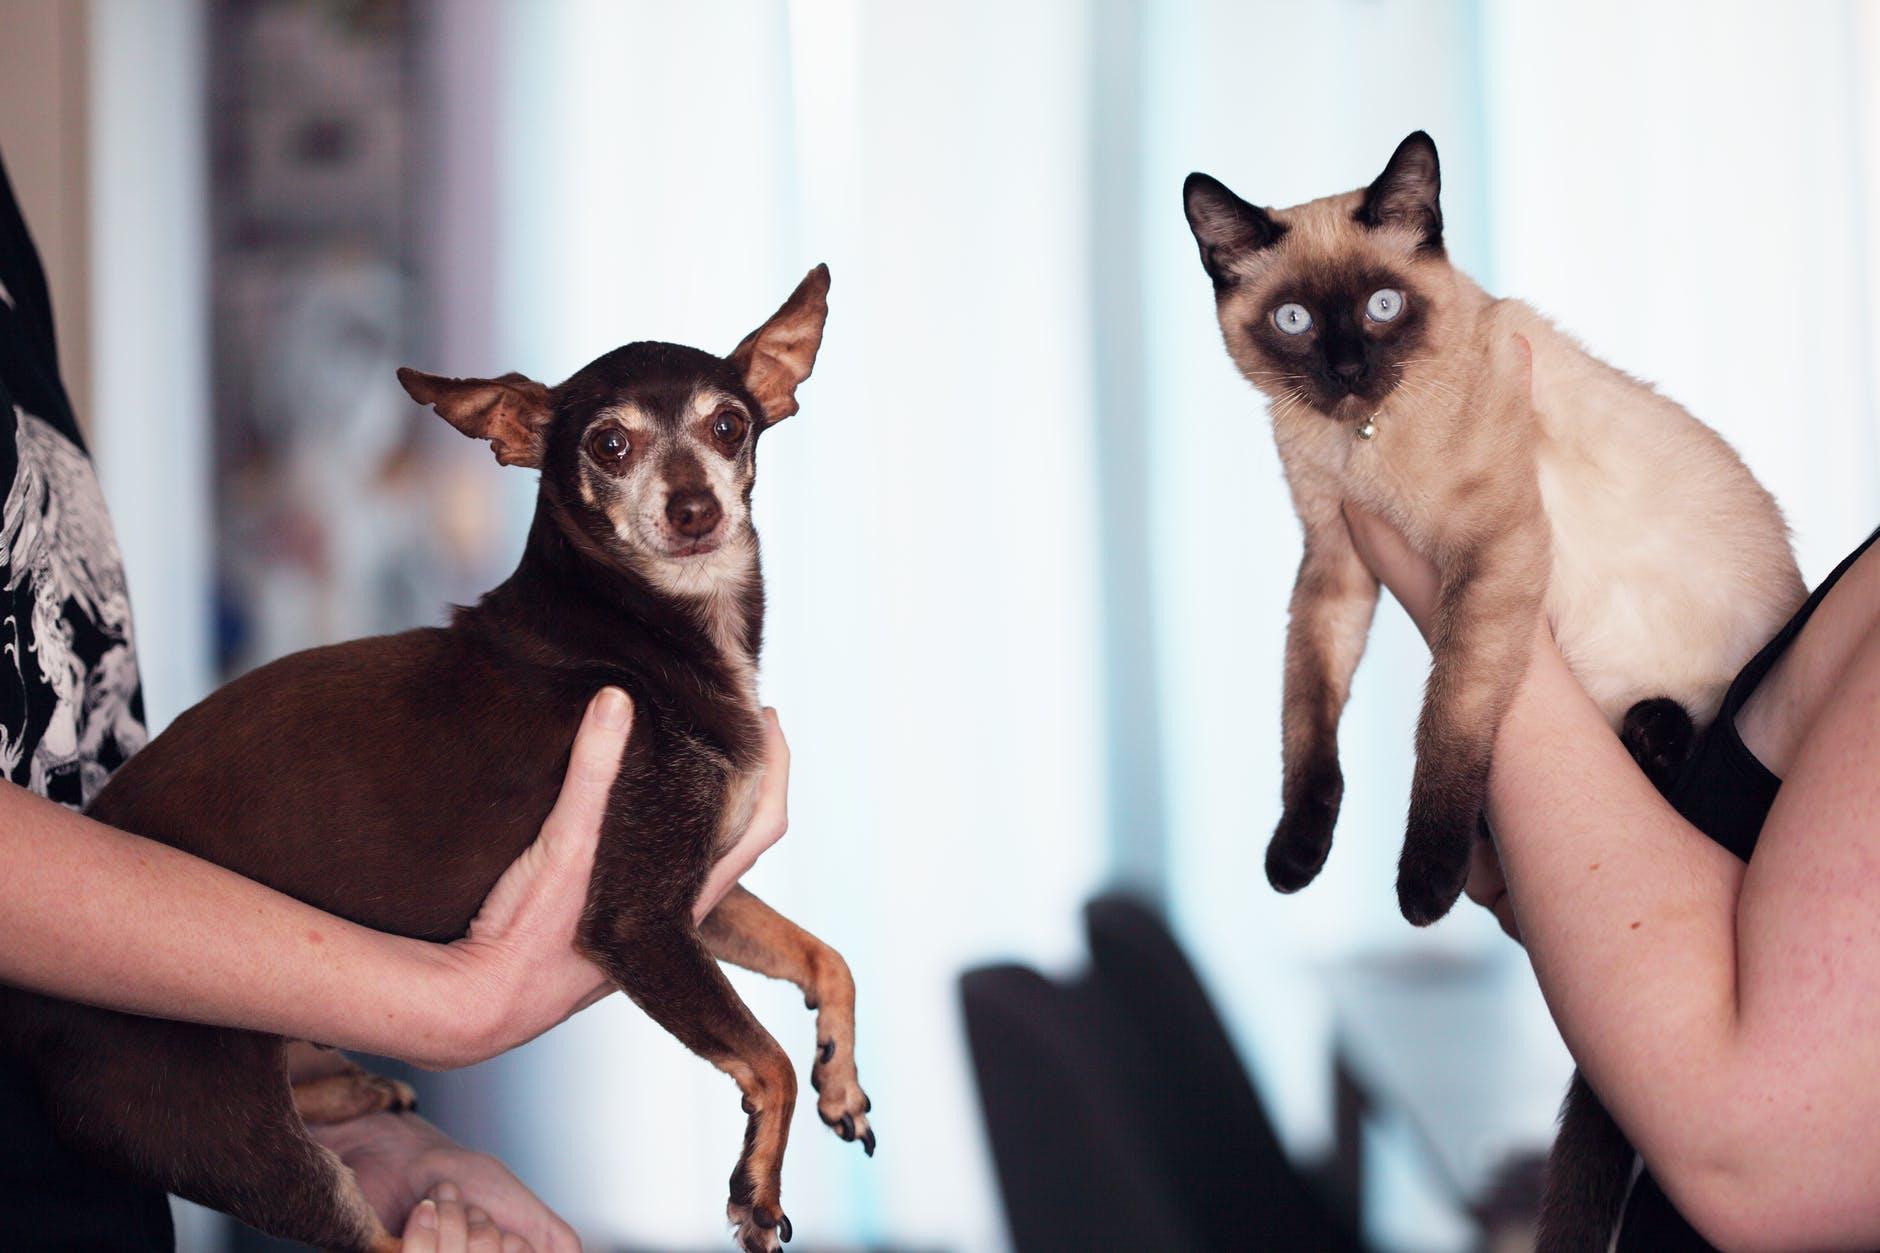 Les chiens et les chats peuvent être amis